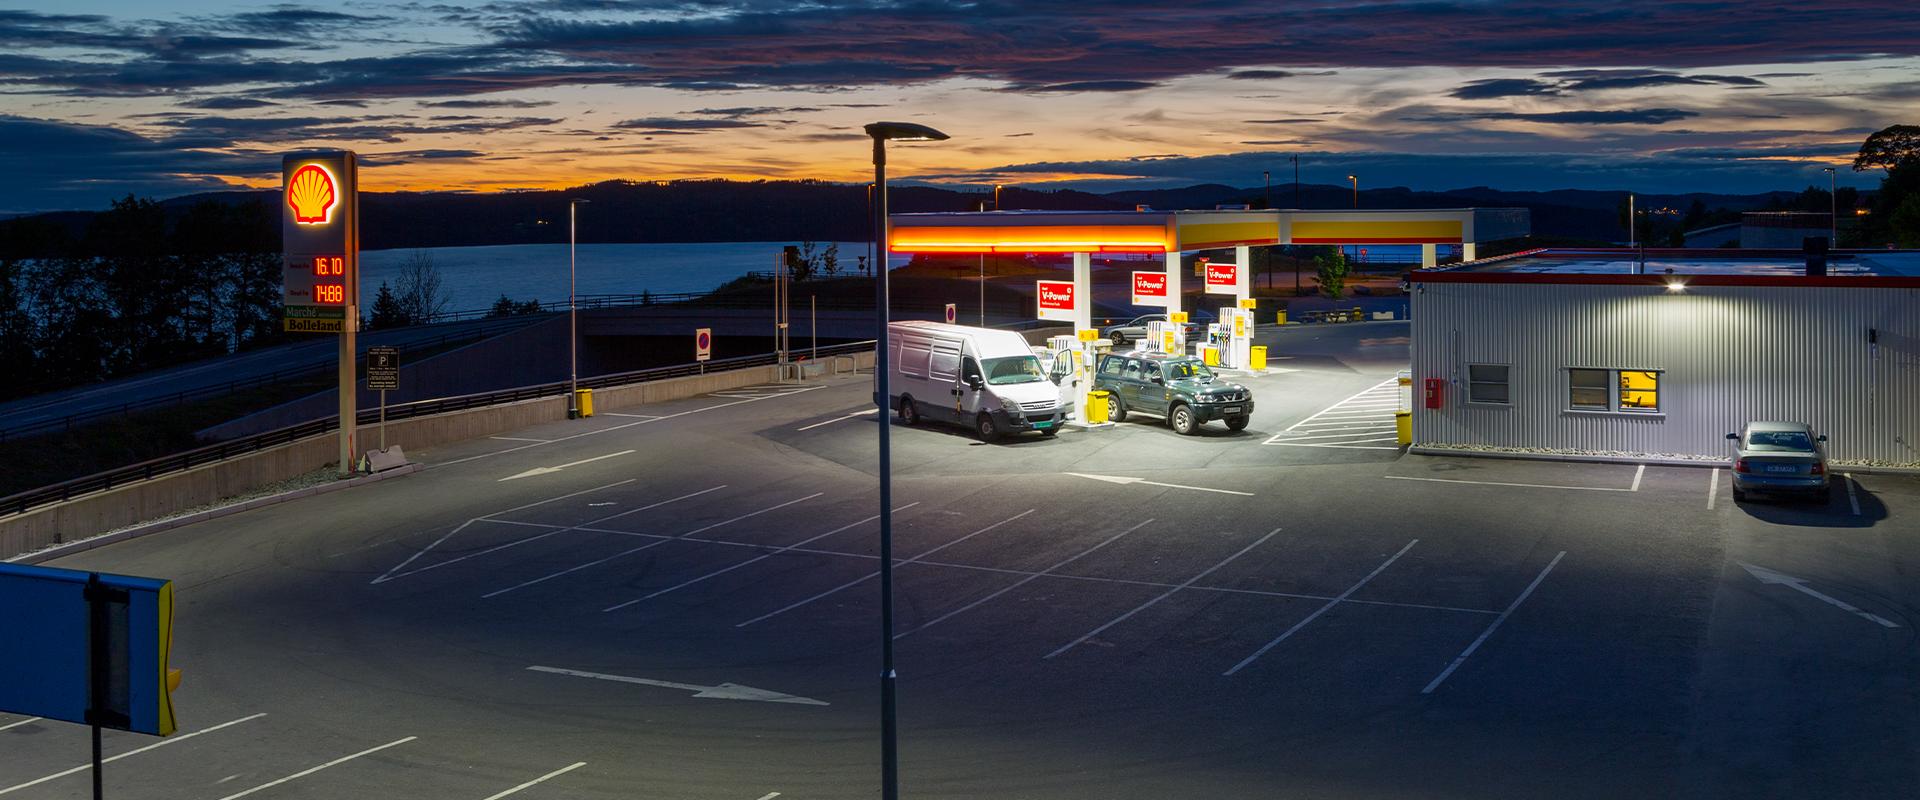 Lampione stradale per illuminazione pubblica LED